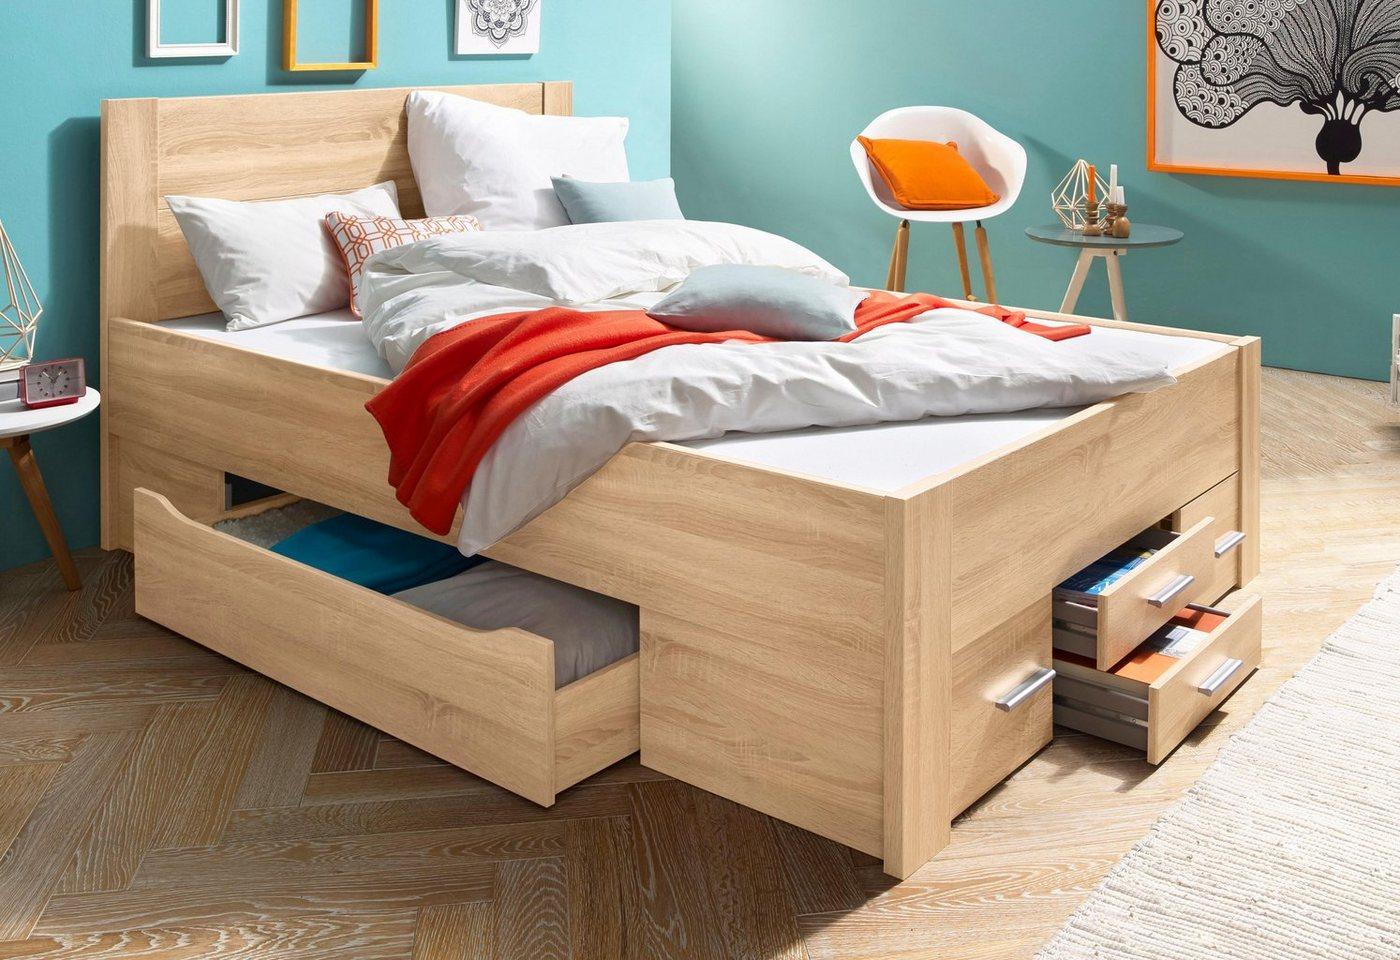 RAUCH Bed met bergruimte incl. laden